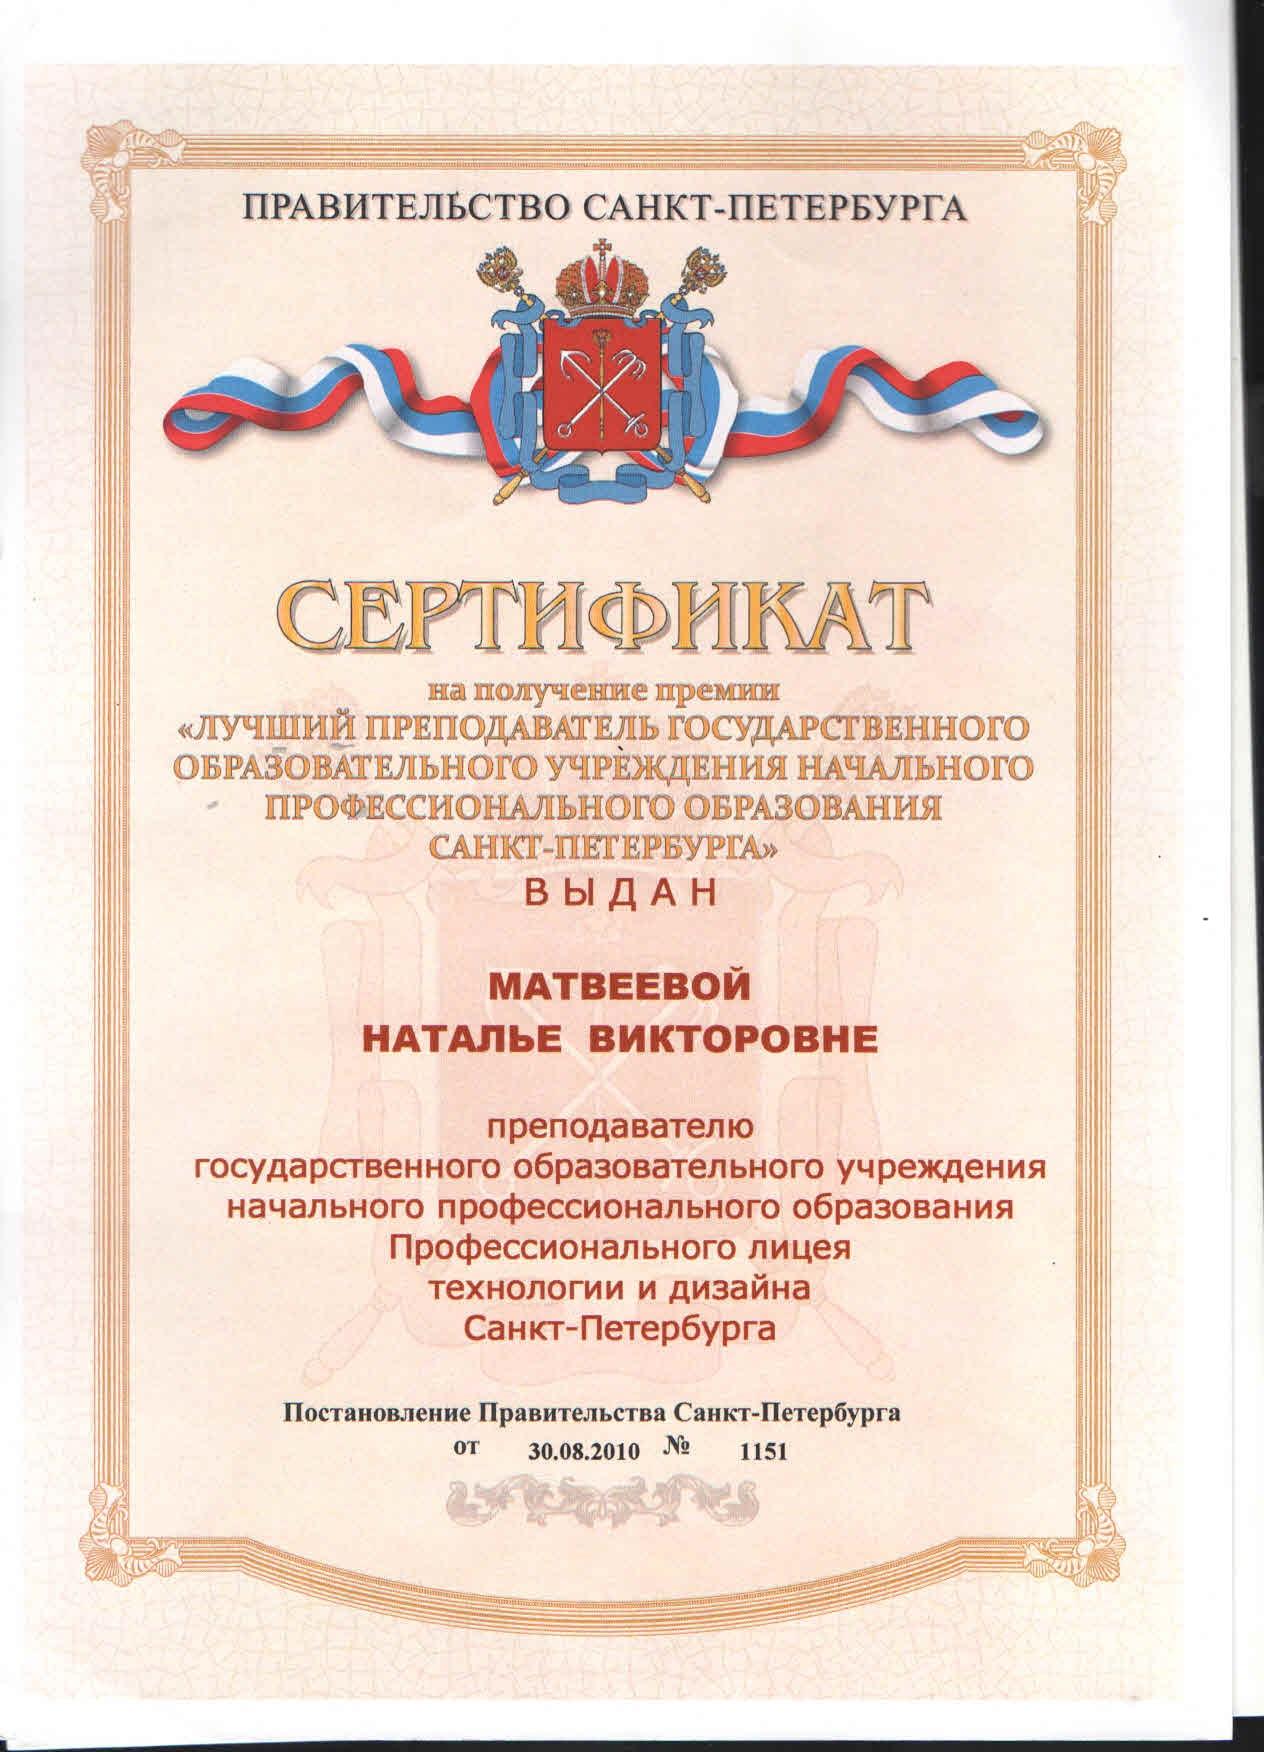 Профессиональный лицей технологии и дизайна санкт-петербурга